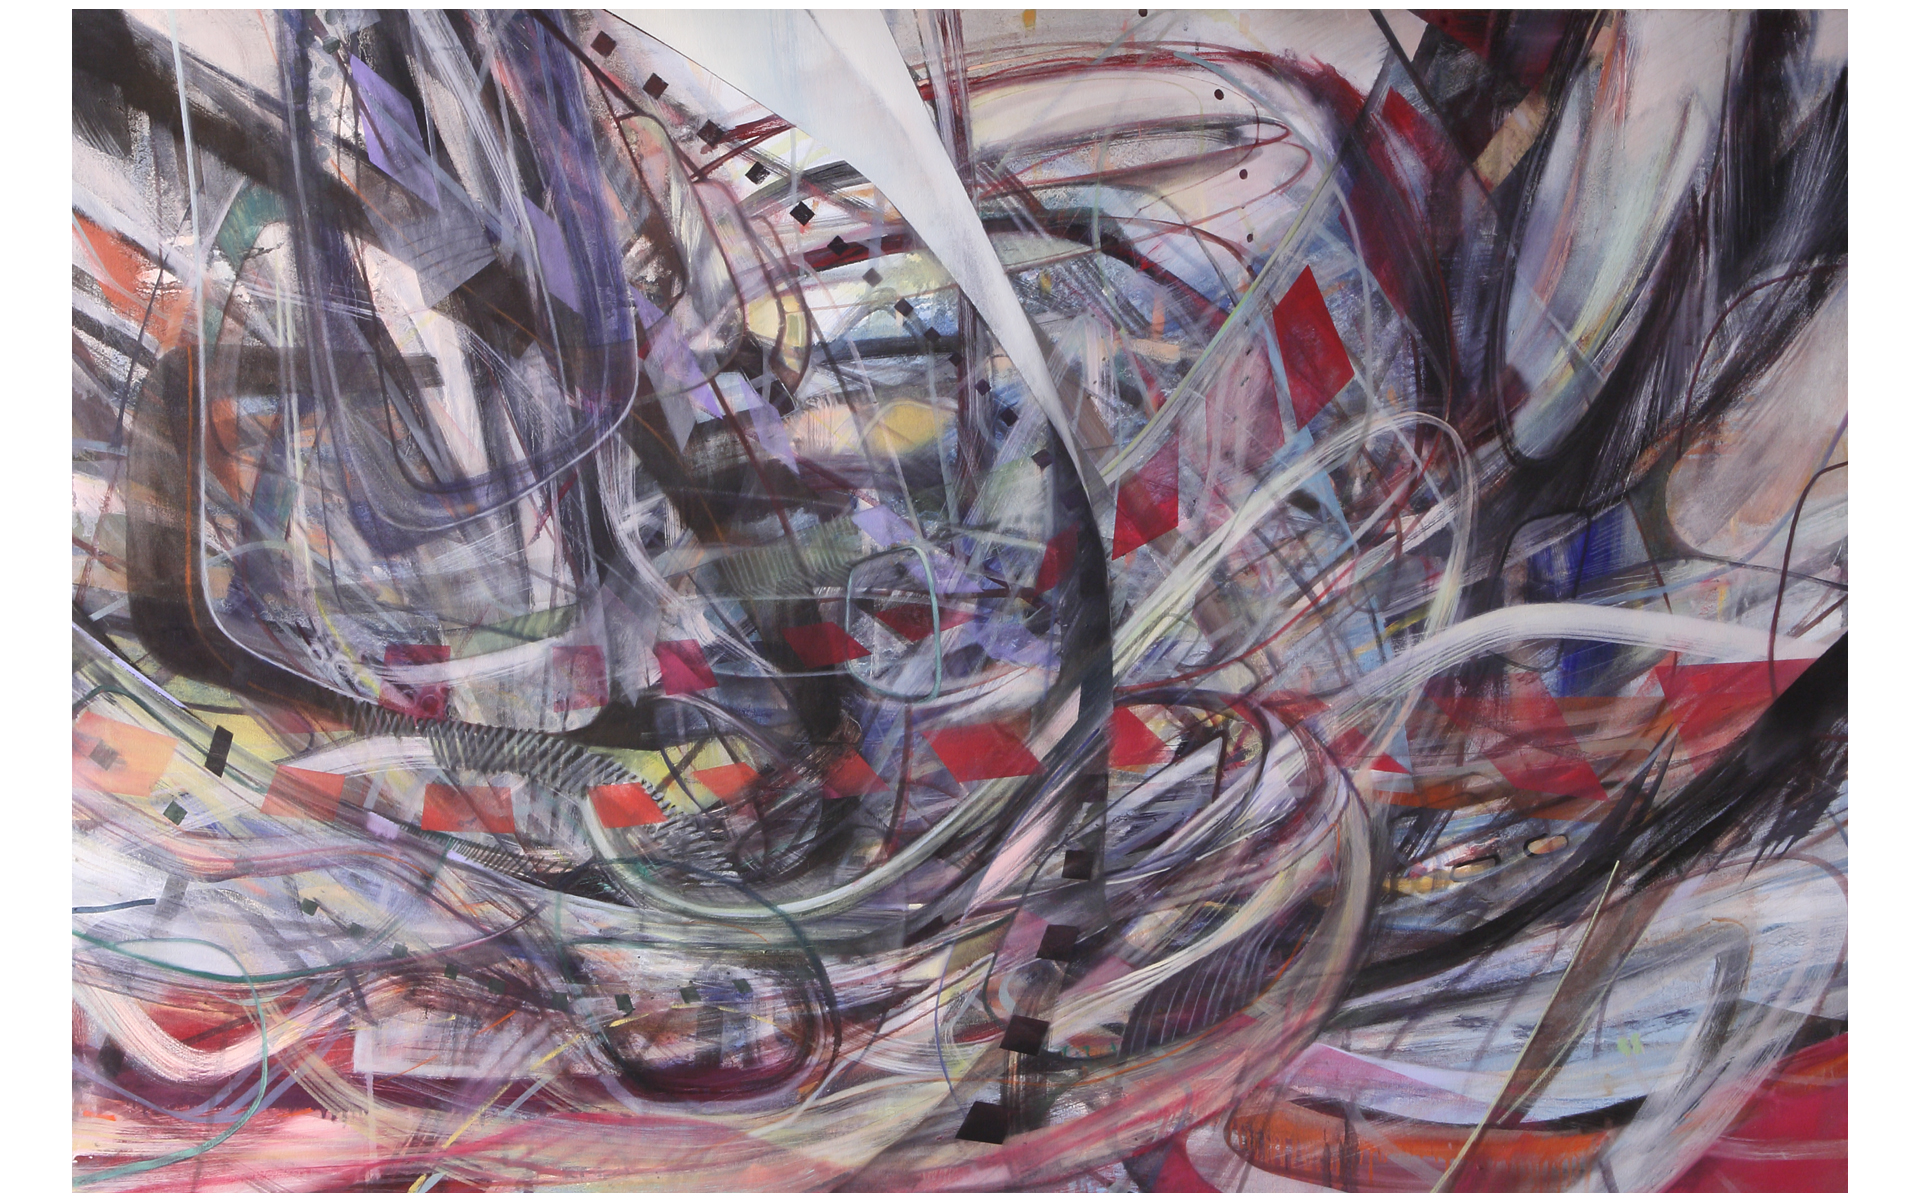 Denari, painting by Dipesh Parmar